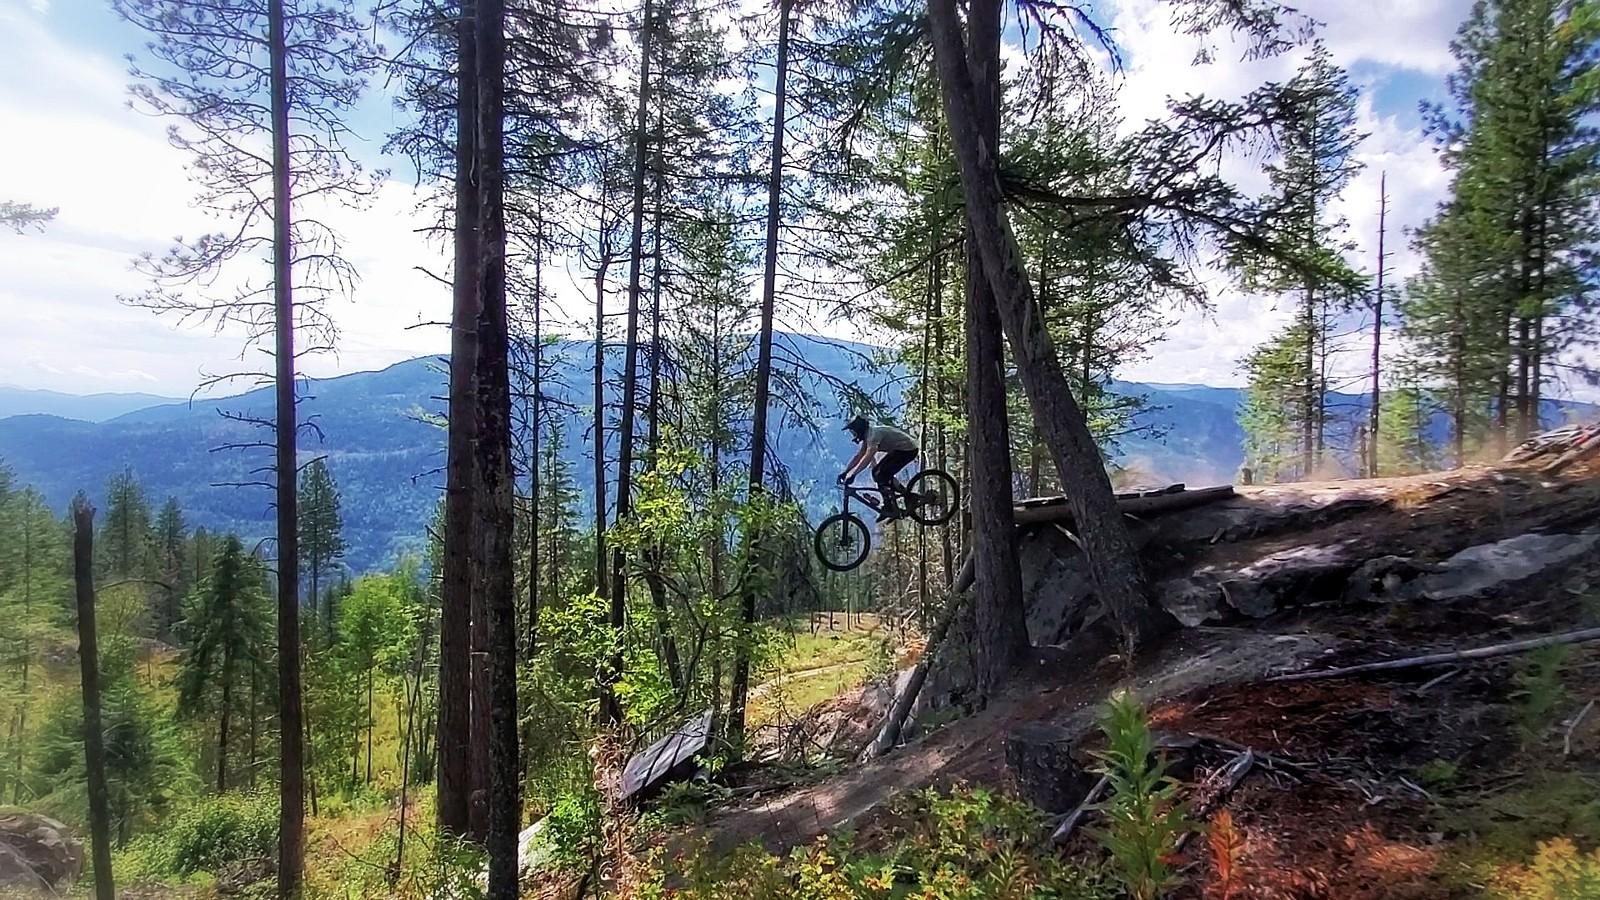 Grandiflorum, Castlegar, BC - O1D4 - Mountain Biking Pictures - Vital MTB